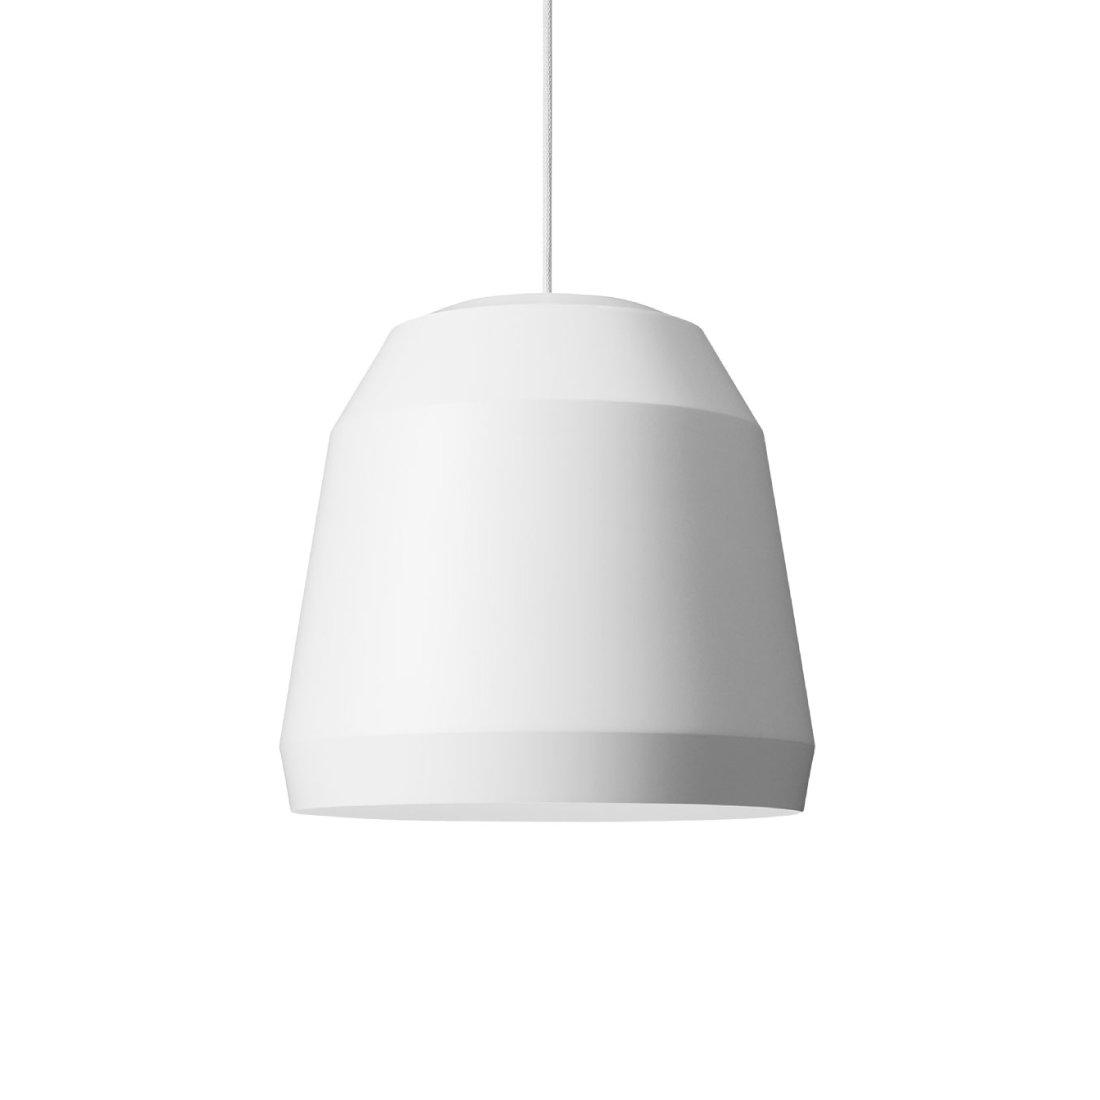 Lightyears Mingus Hanglamp S White - Snoer 600 cm